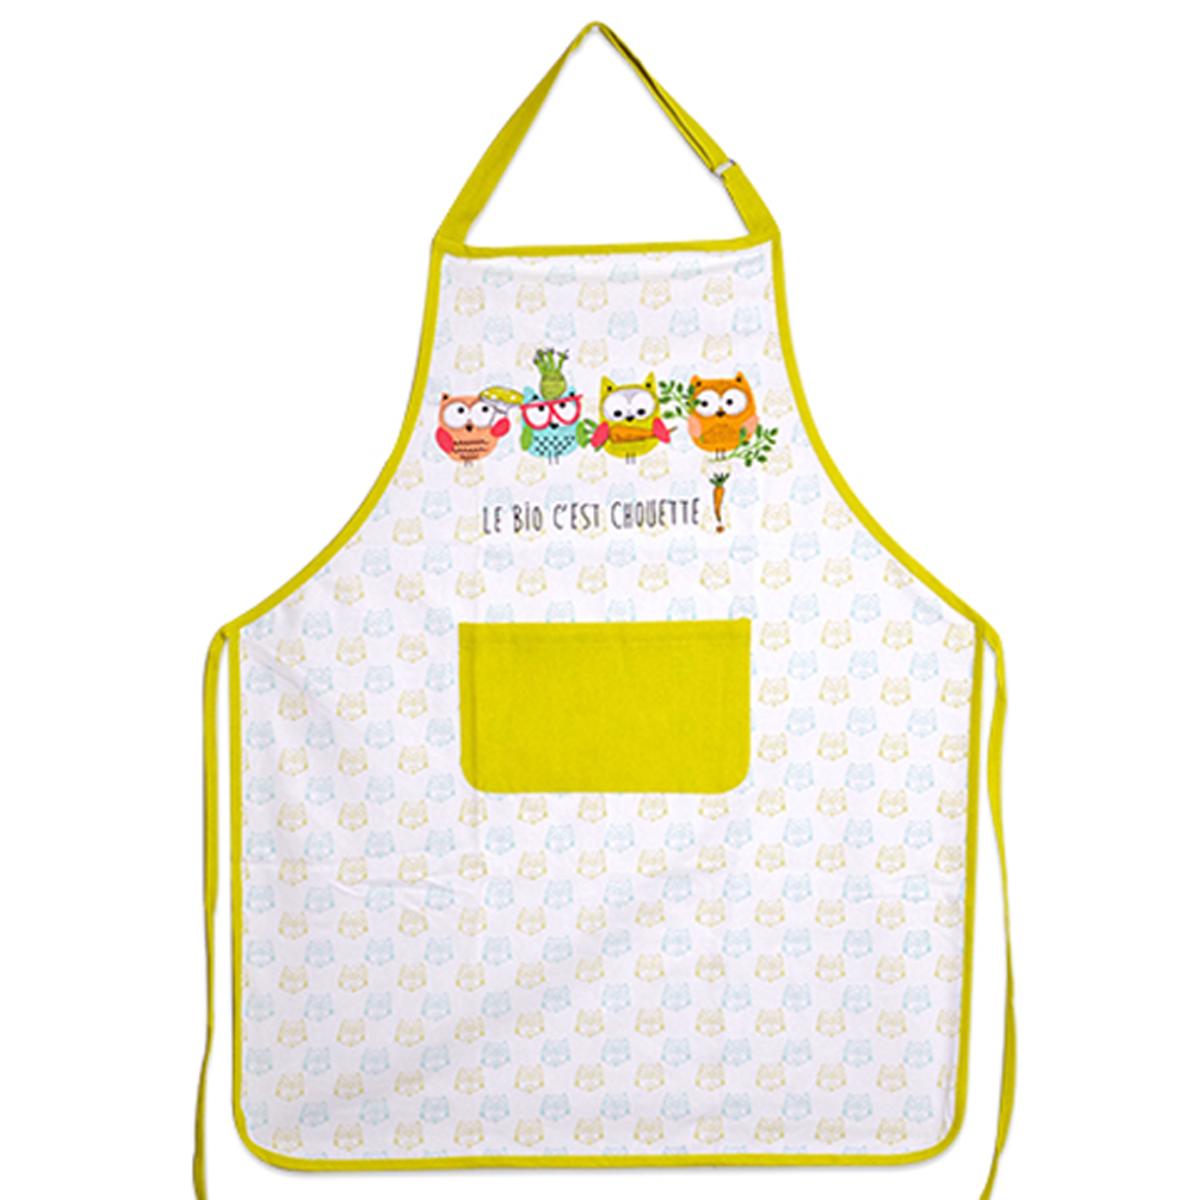 Tablier de cuisine coton \'Chouettes\' blanc multicolore (le bio c\'est chouette !) - 90x70 cm - [A2440]